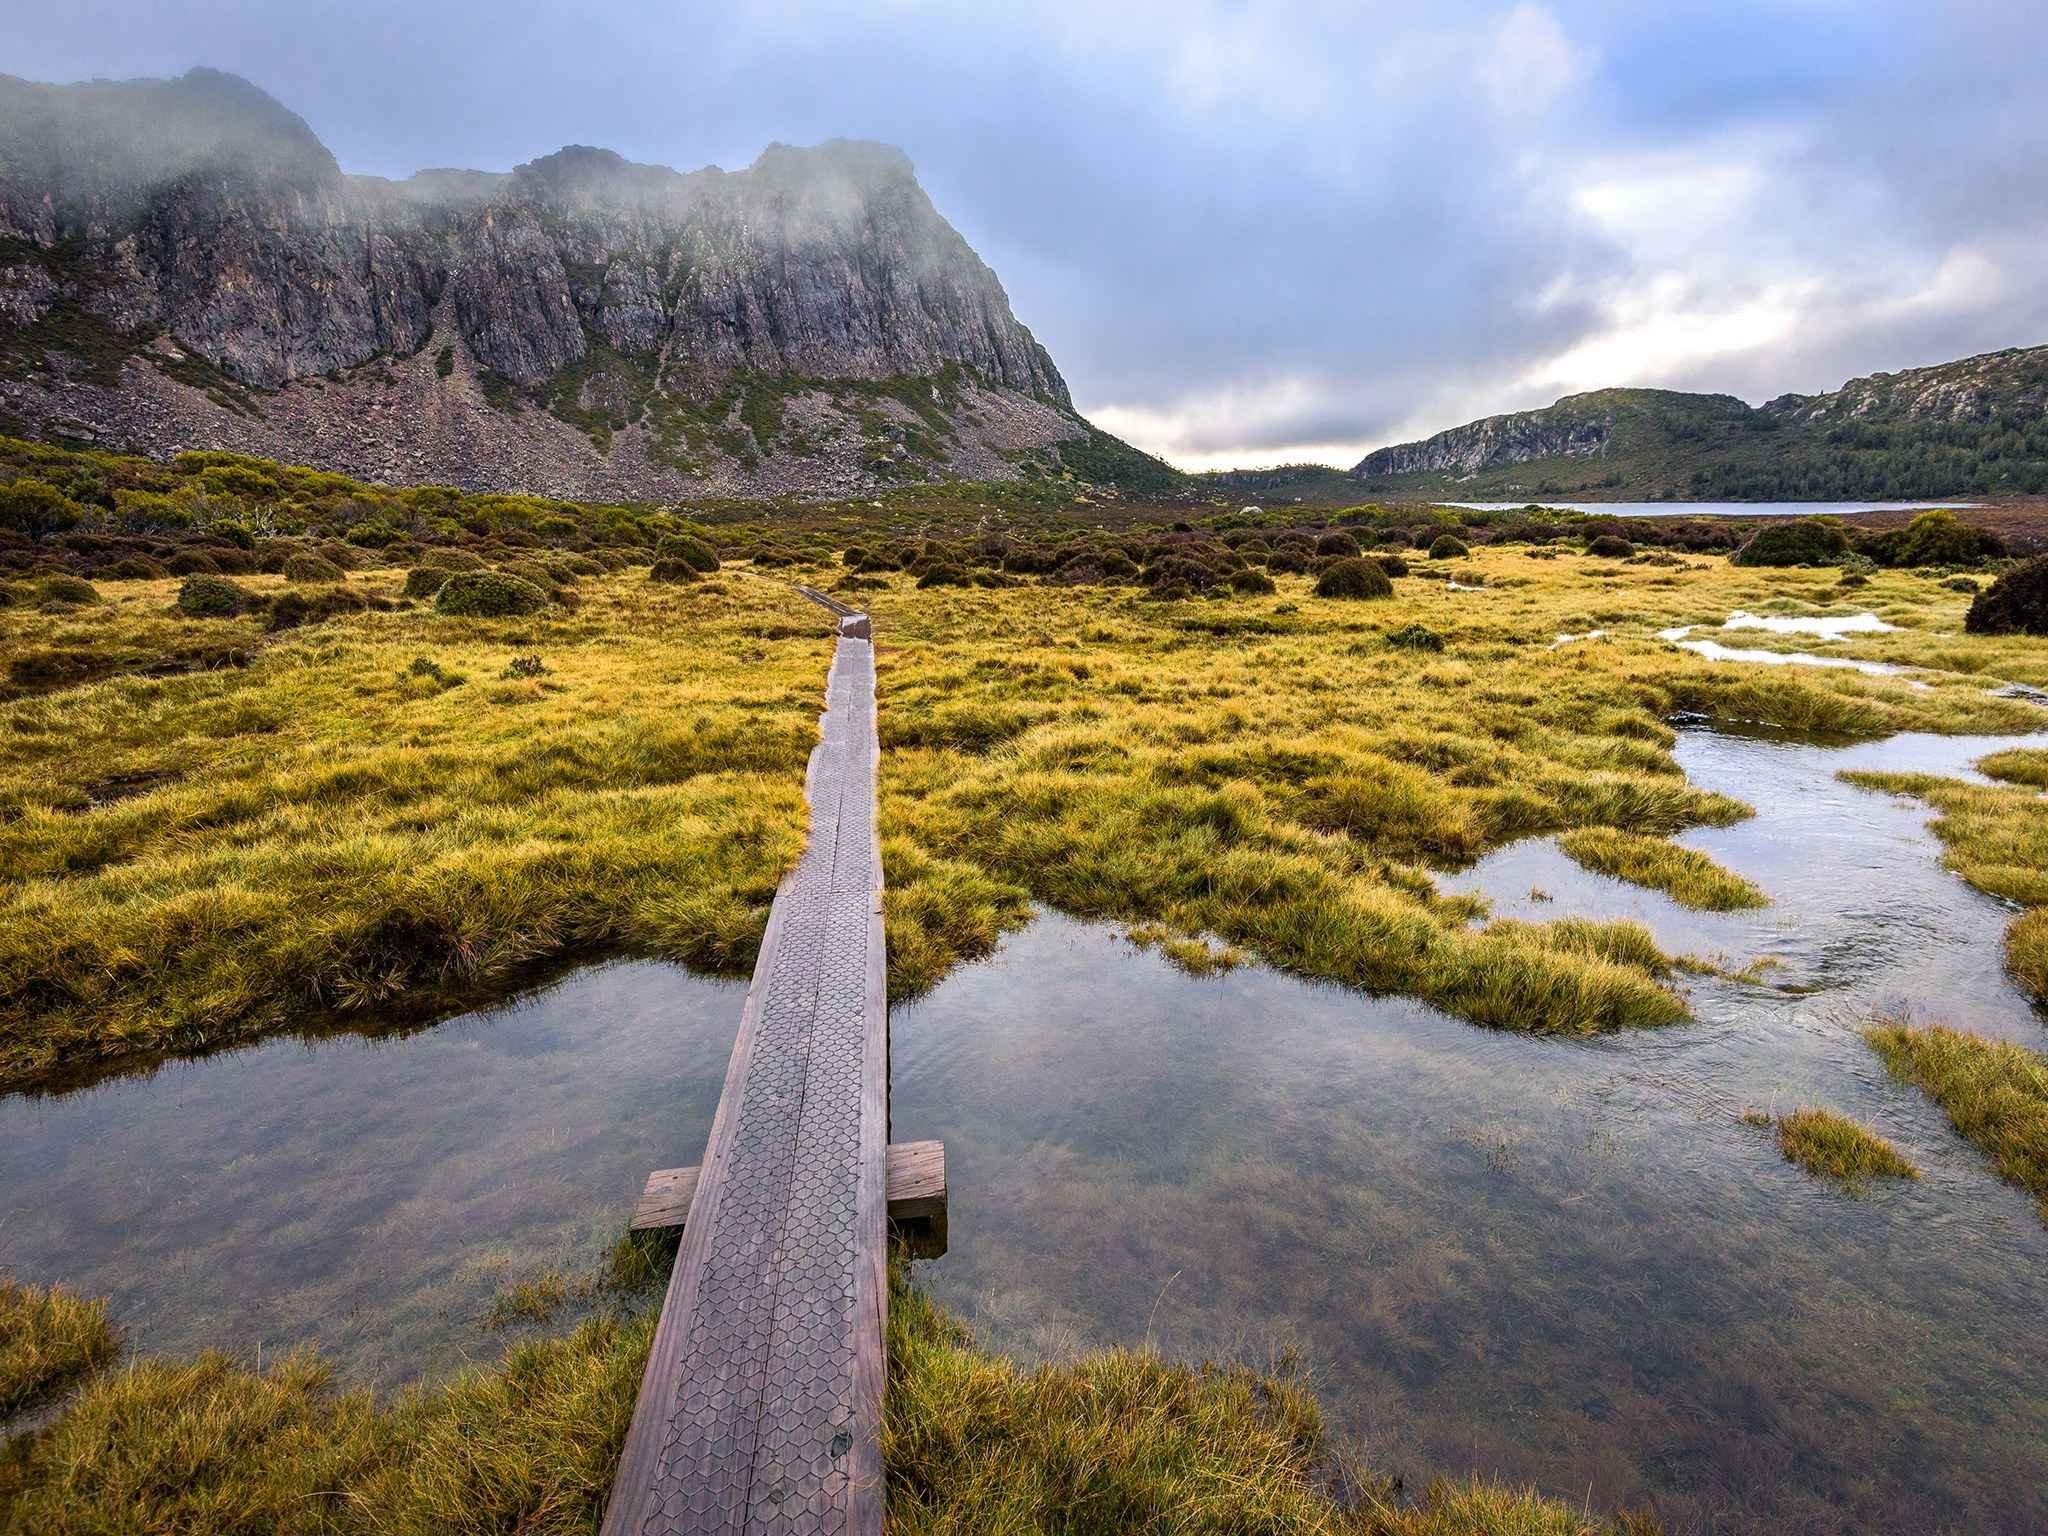 свое фото красивых мест австралии примеру